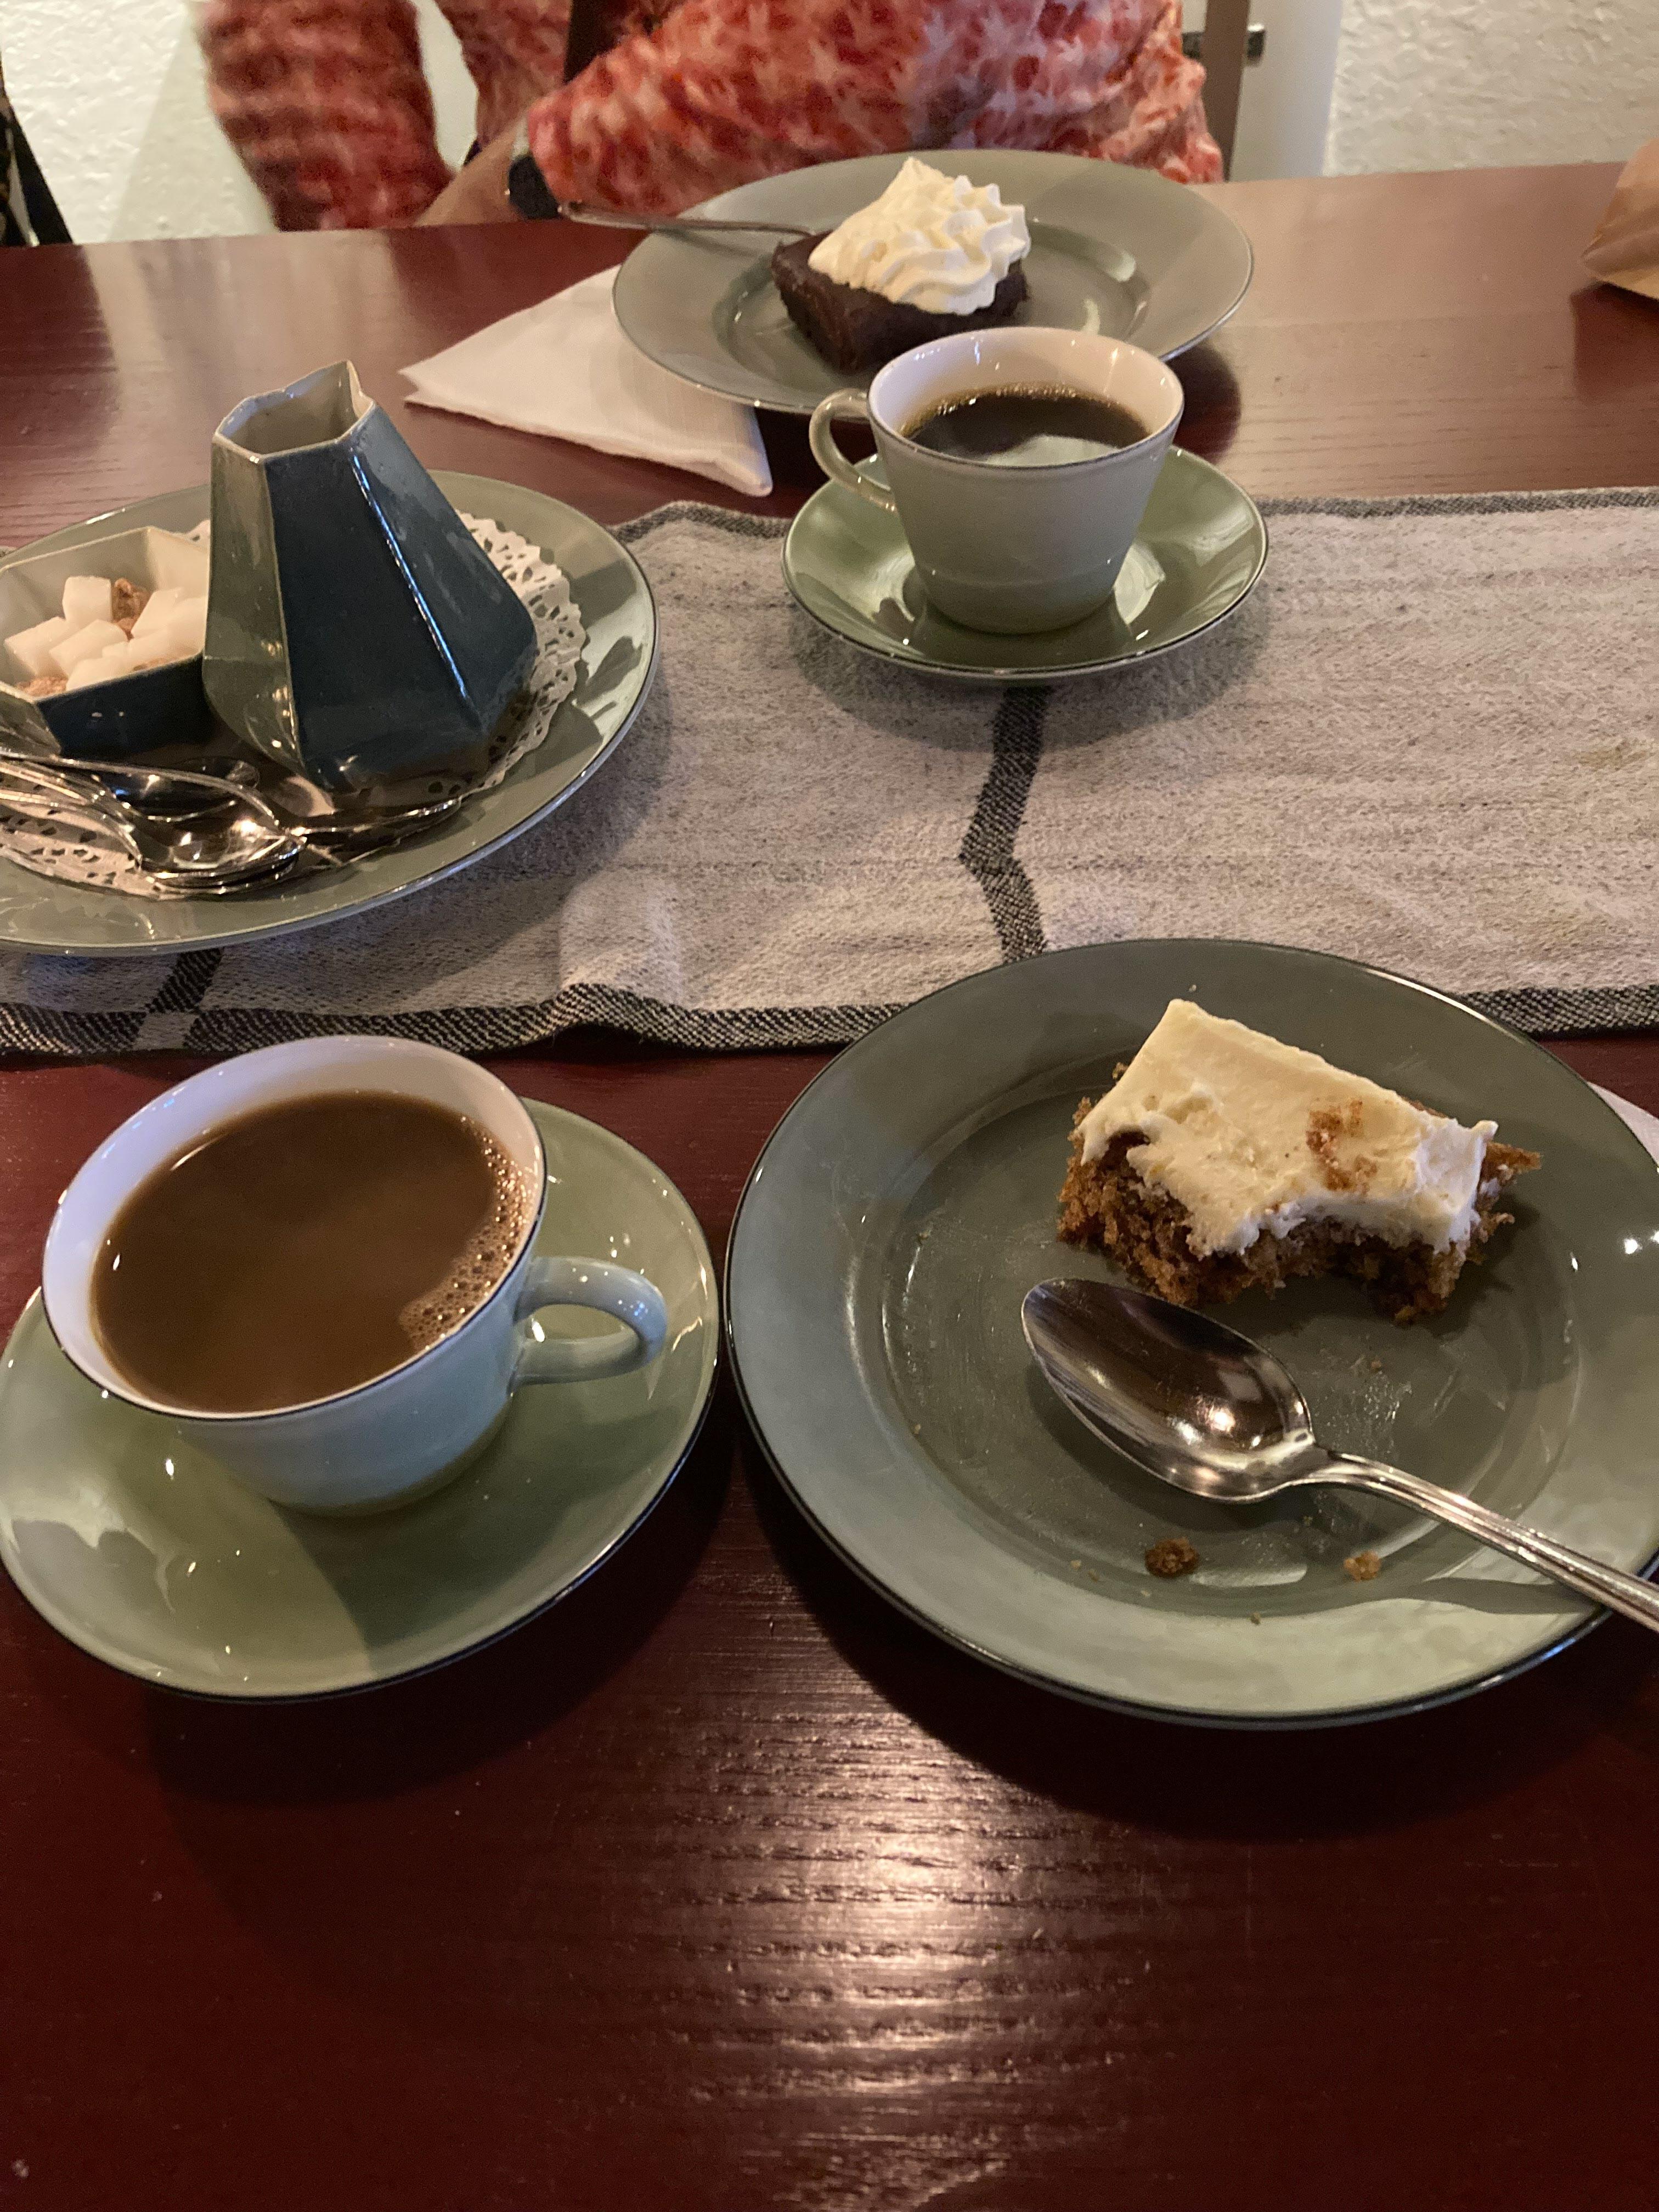 Efter besöket i Cesarstugan (Cesar efter drängen som bodde på stället förr) for vi vidare en bit till Broddetorp och konstutställningen på Löwings Ateljé. Allra sist innan hemfärd - morotskaka och kaffe